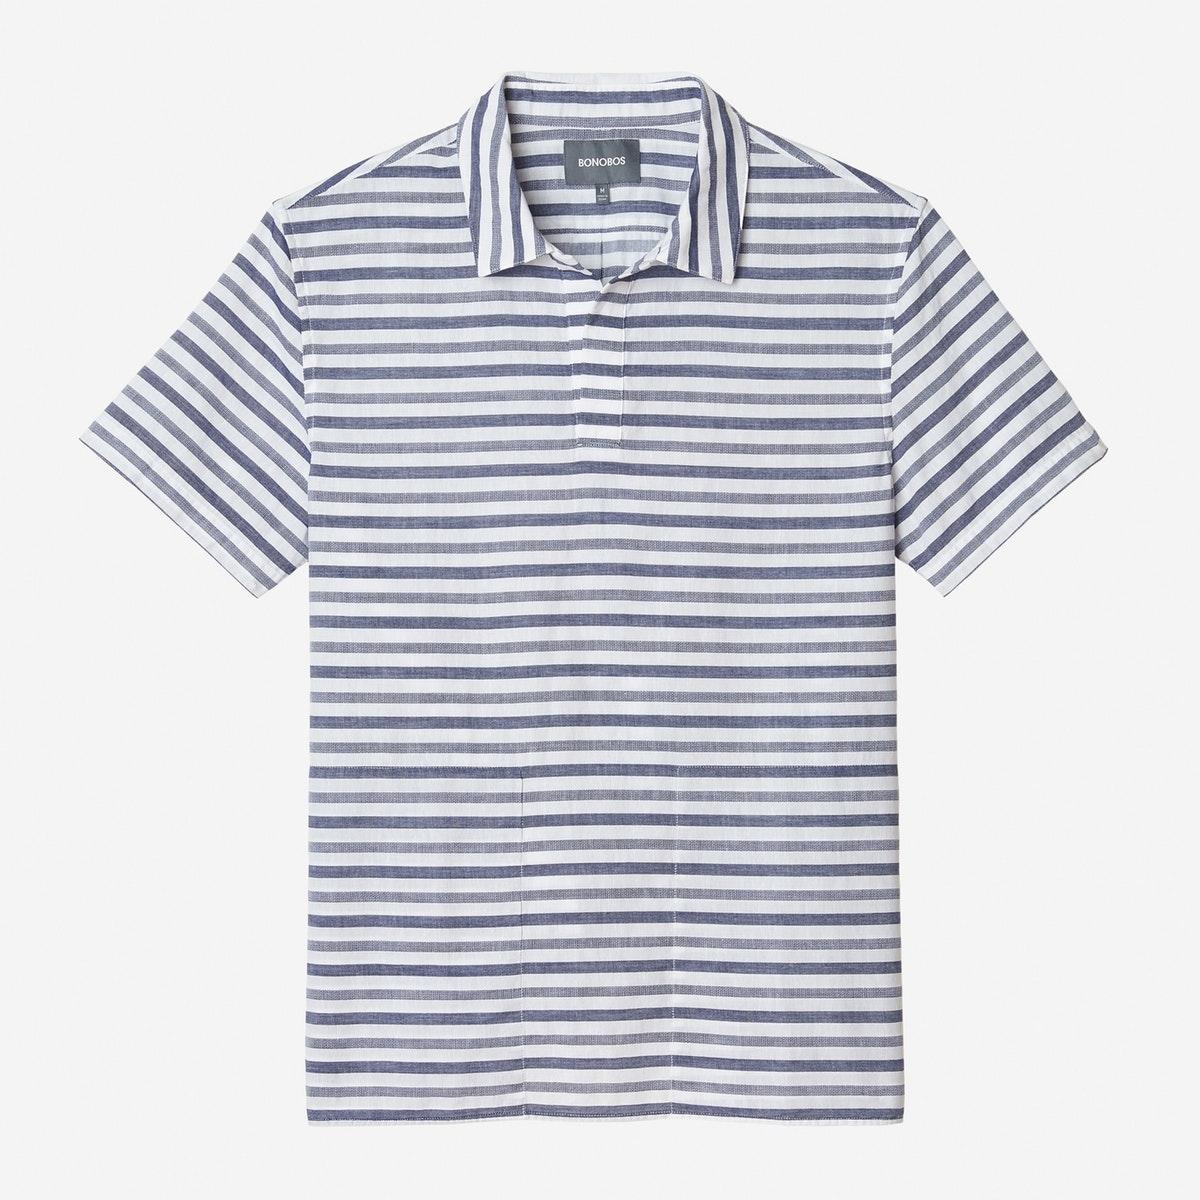 Beach Short Sleeve Shirt